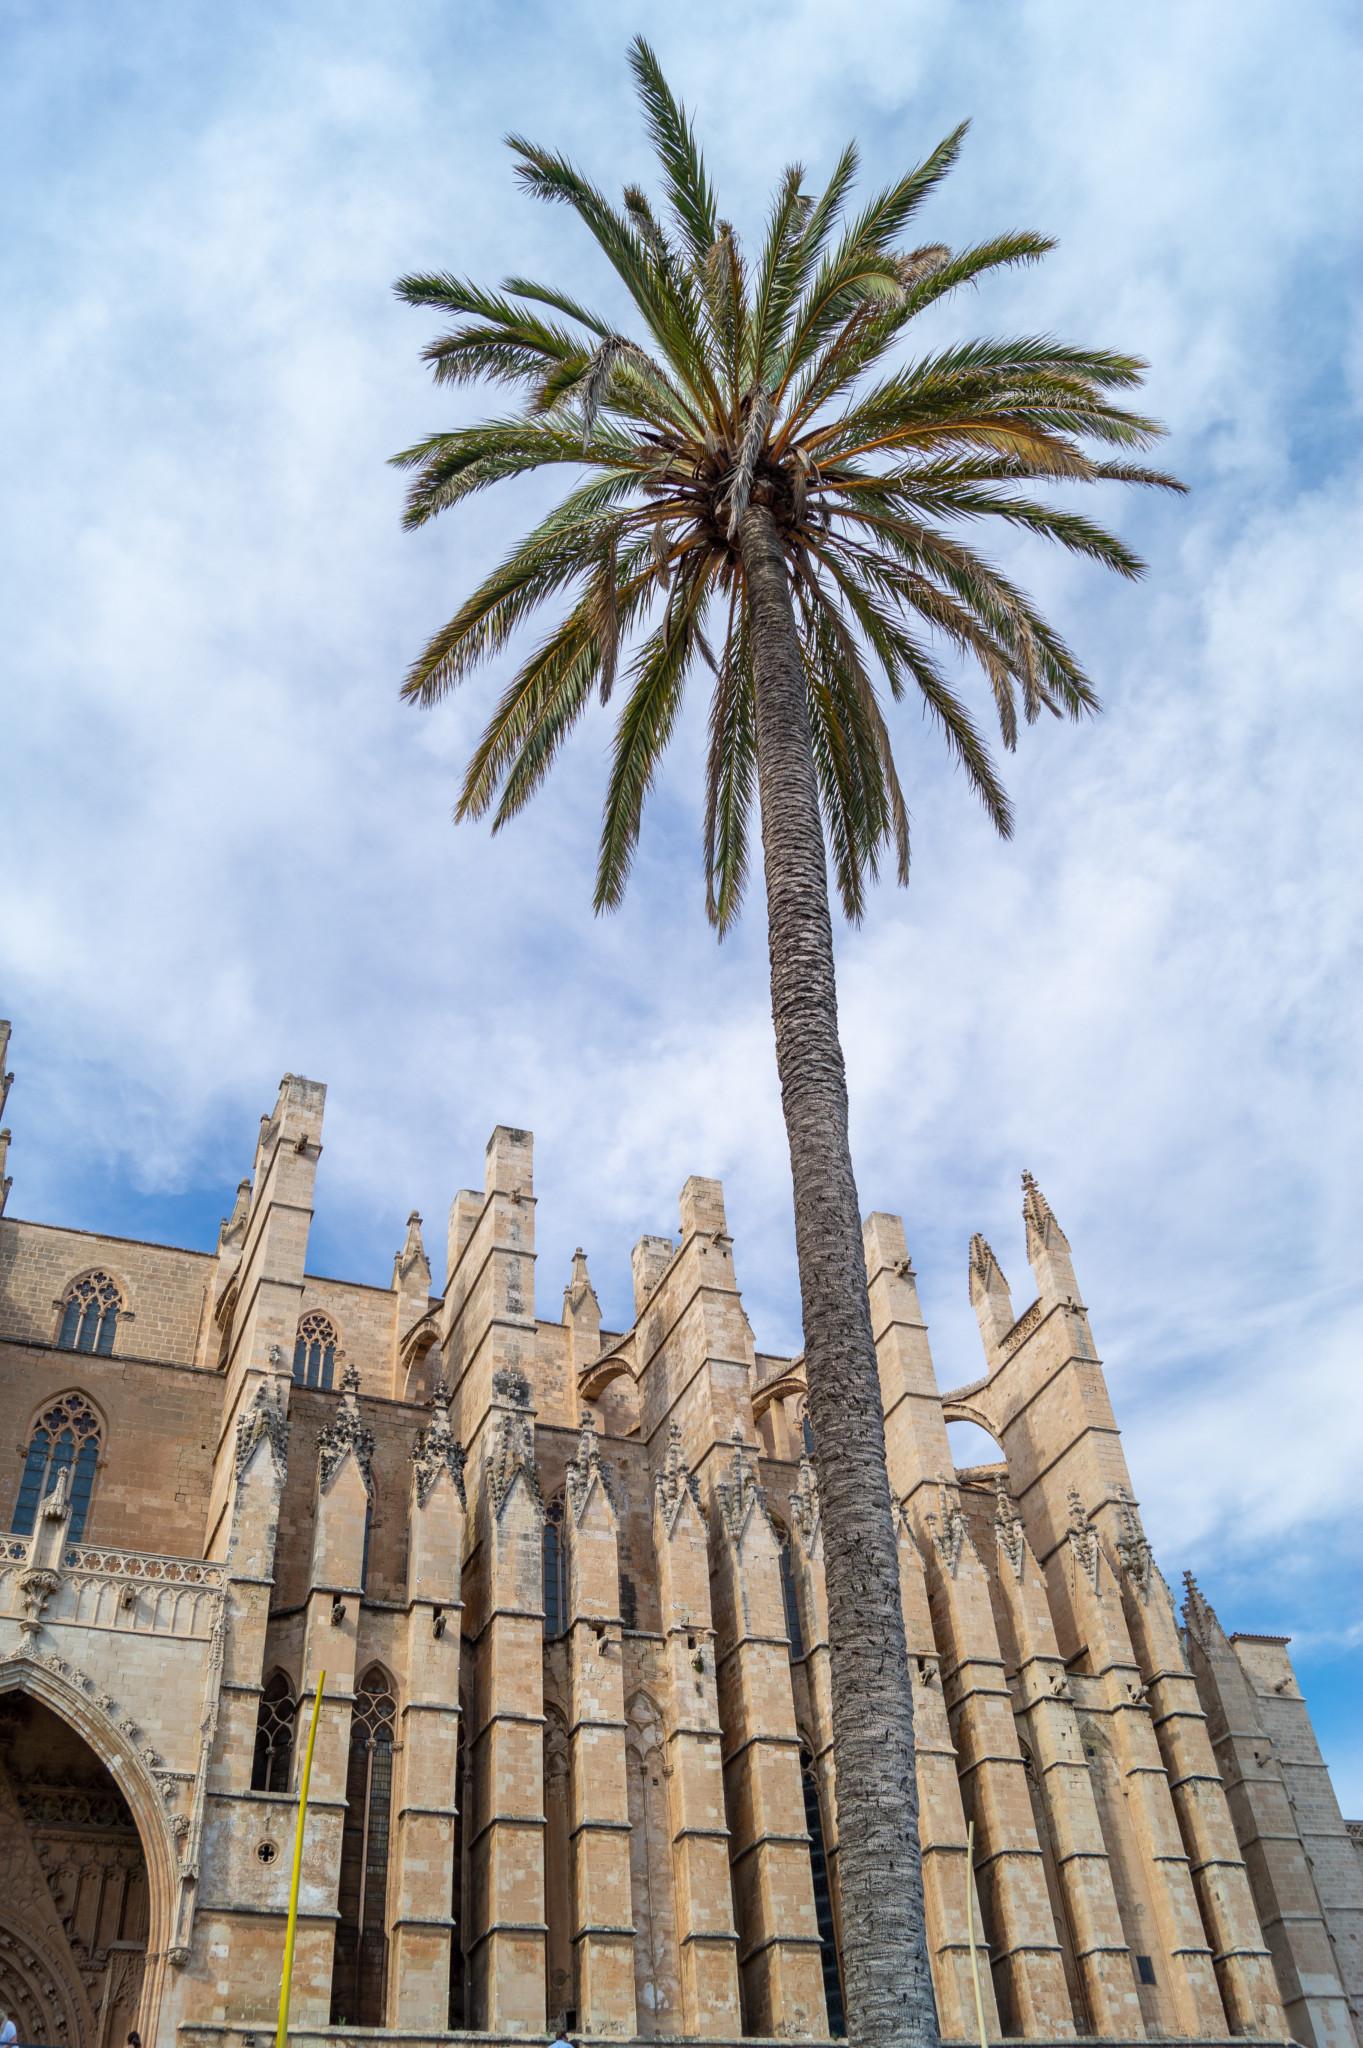 Die Kathedrale von Palma gehört zu den wichtigsten Sehenswürdigkeiten